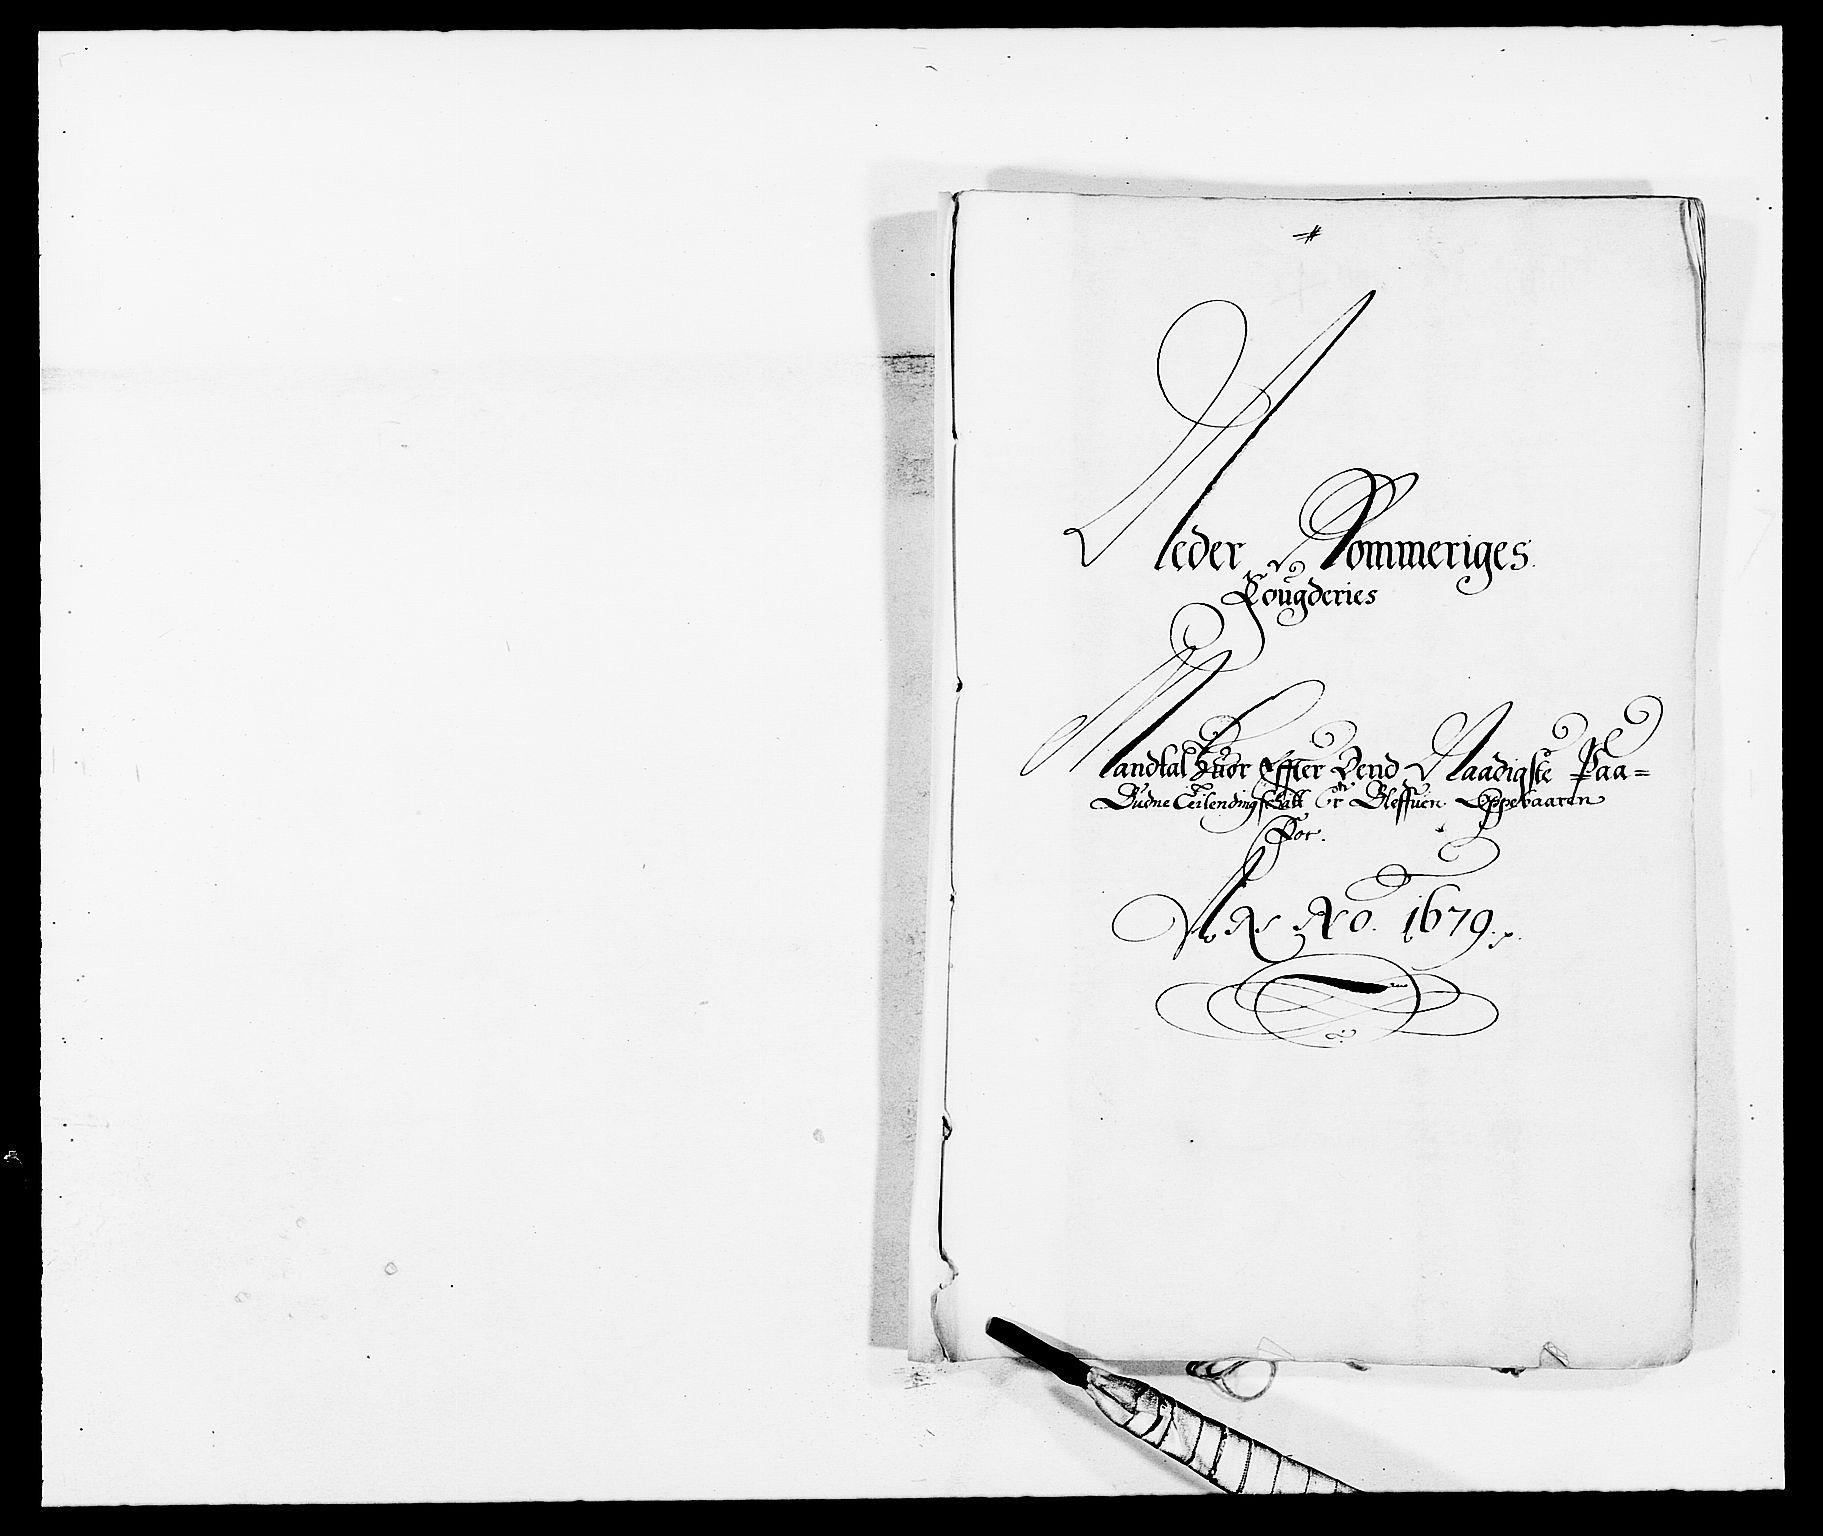 RA, Rentekammeret inntil 1814, Reviderte regnskaper, Fogderegnskap, R11/L0568: Fogderegnskap Nedre Romerike, 1679, s. 7